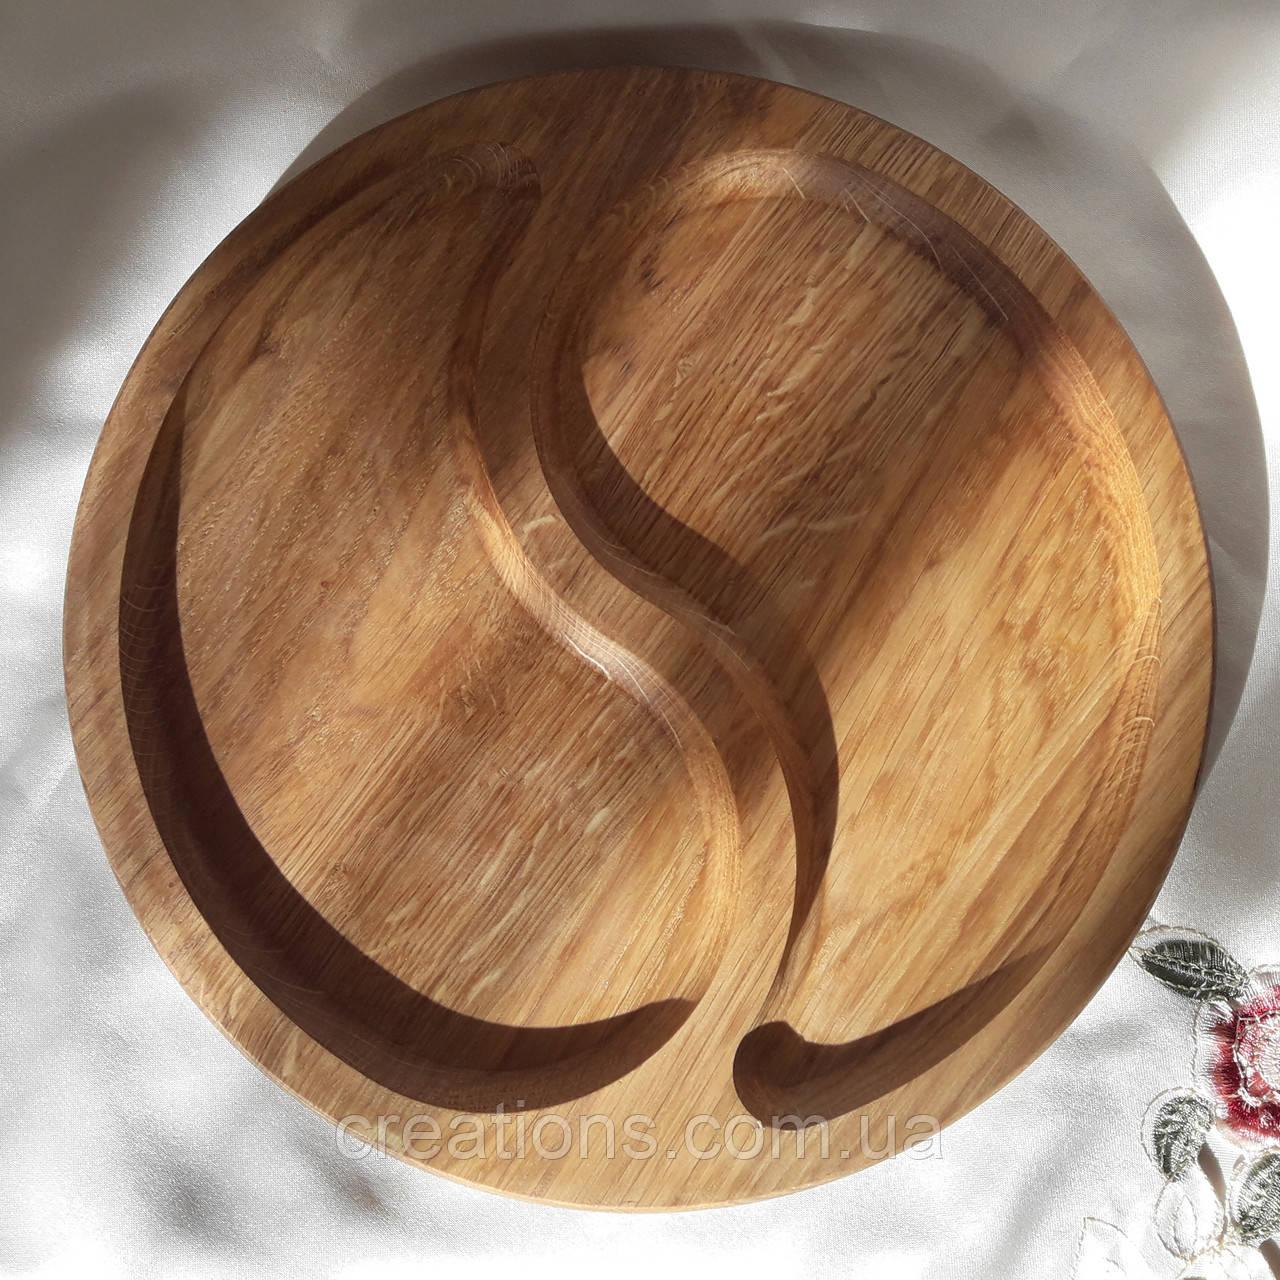 Менажница деревянная доска для подачи блюд 30 см. круглая из дуба на 2 деления, двусторонняя